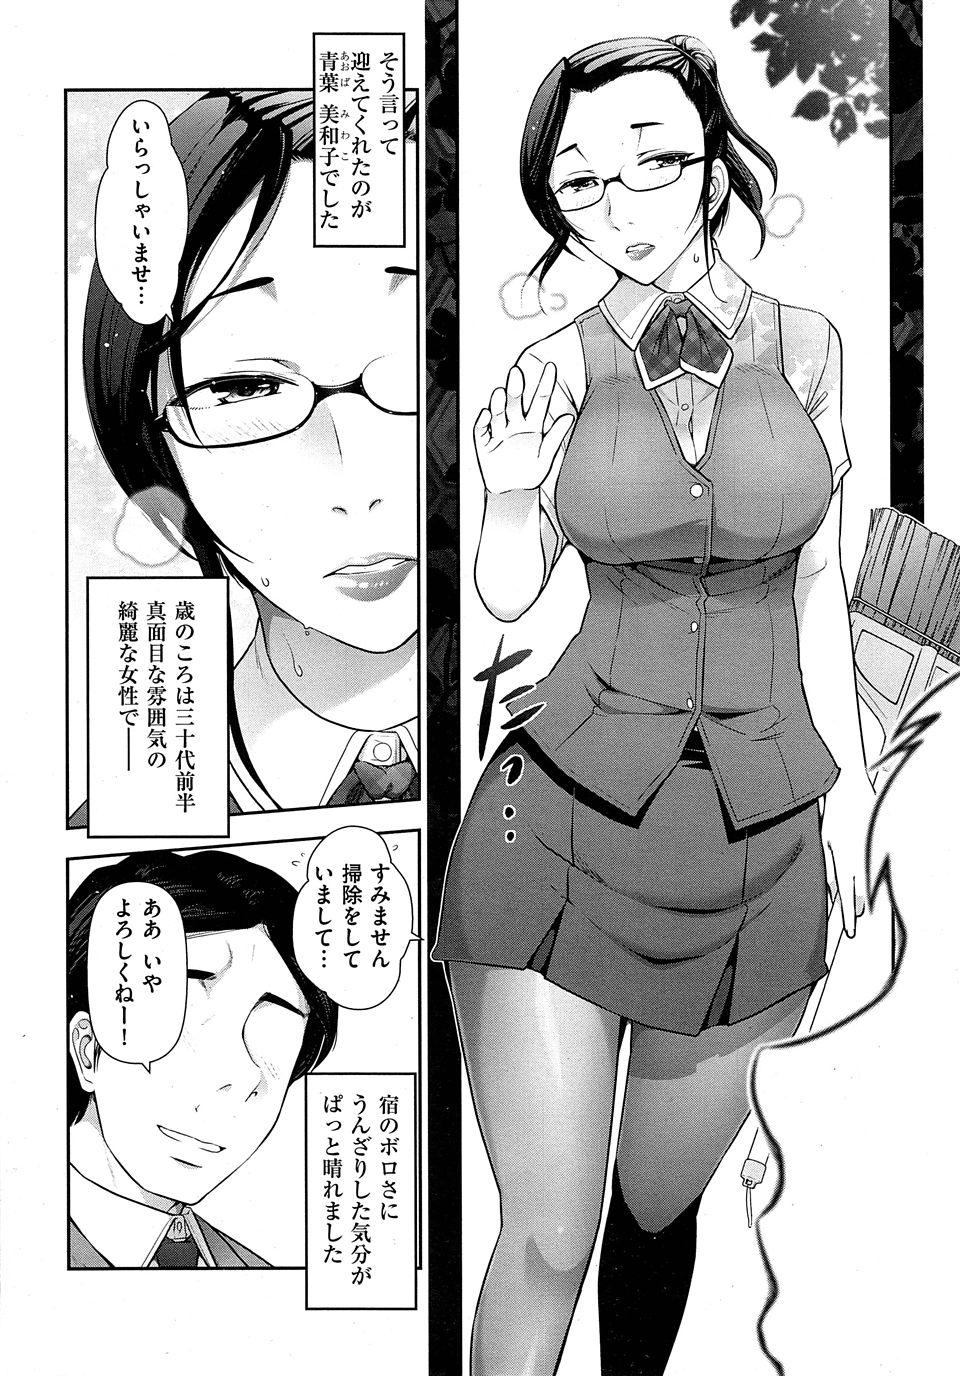 【エロ漫画・エロ同人】出張で泊まった先の巨乳支配人とエッチな展開になったンゴwww (2)